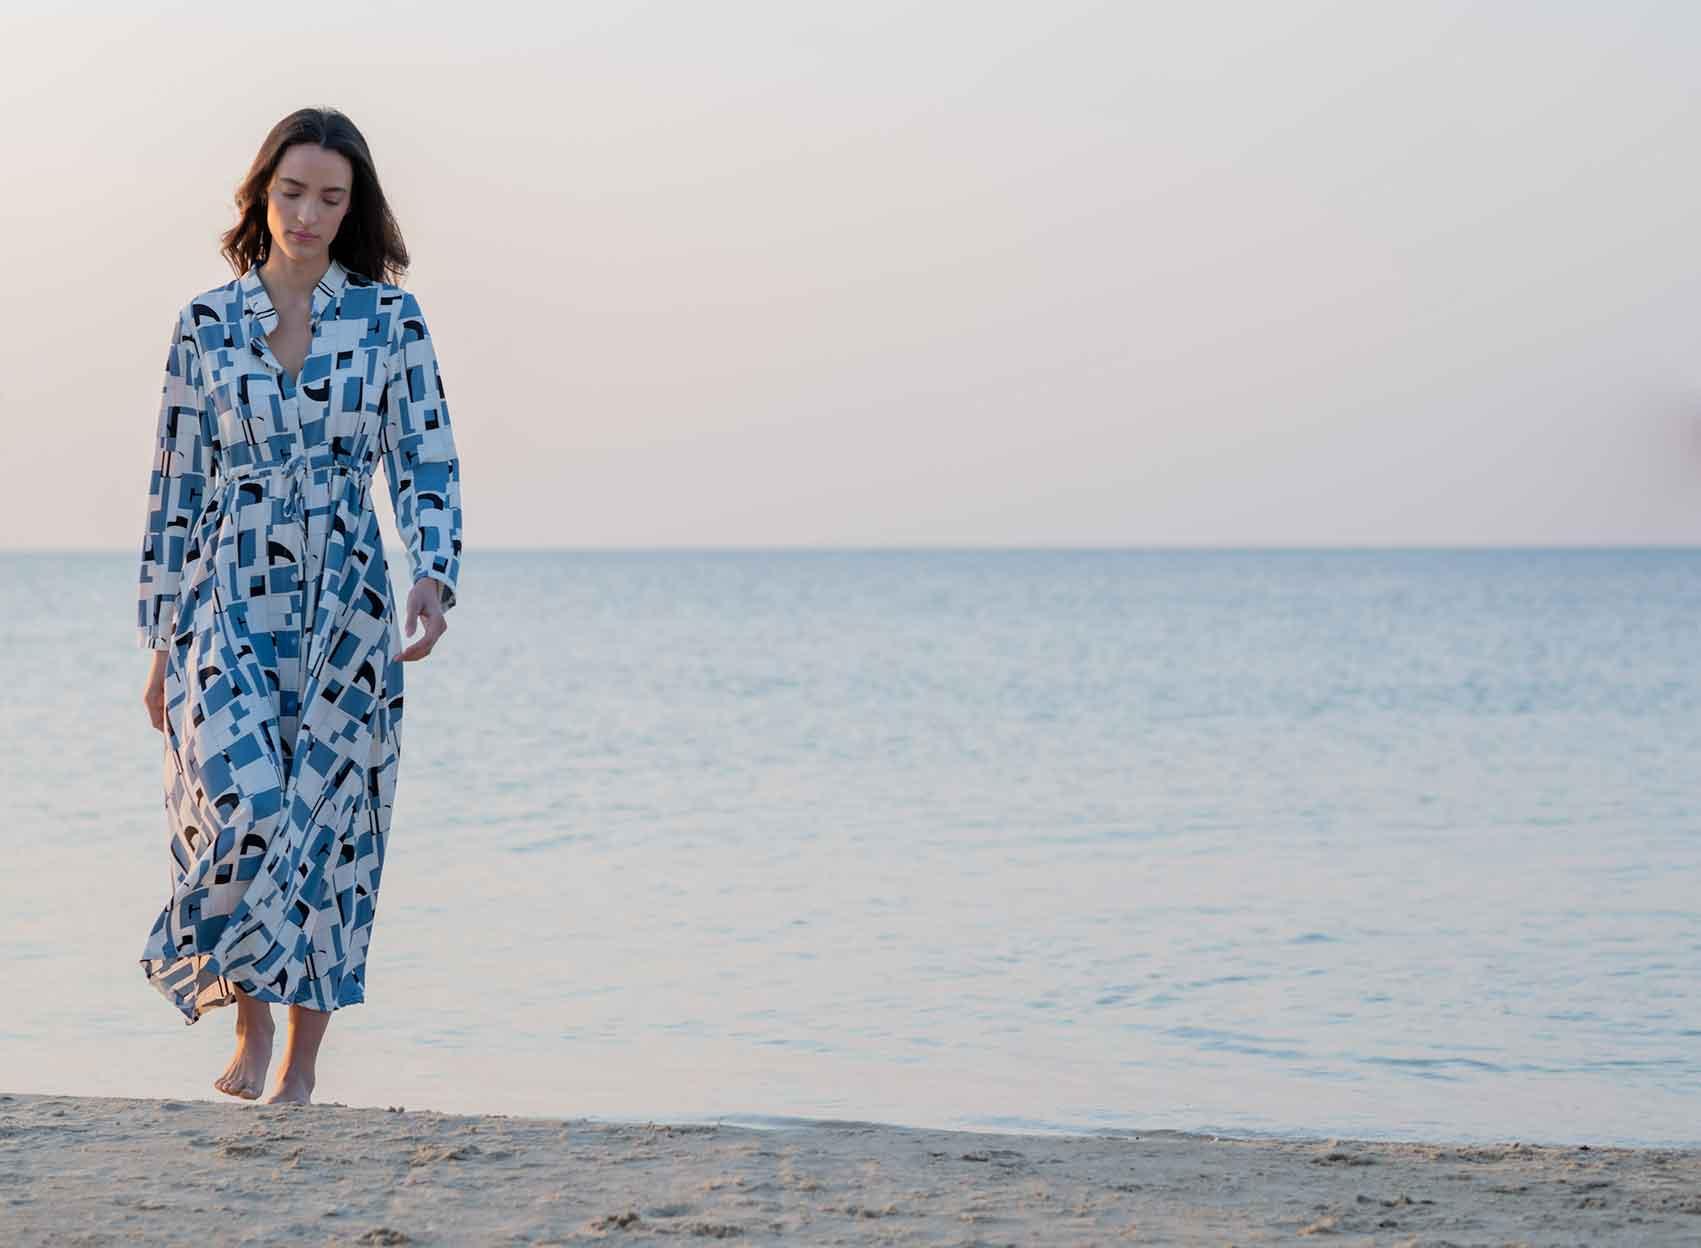 שמלת-פרחים-מקסי-של-המותג-קאלה-207-שקל-צילום-ליז-כדר-